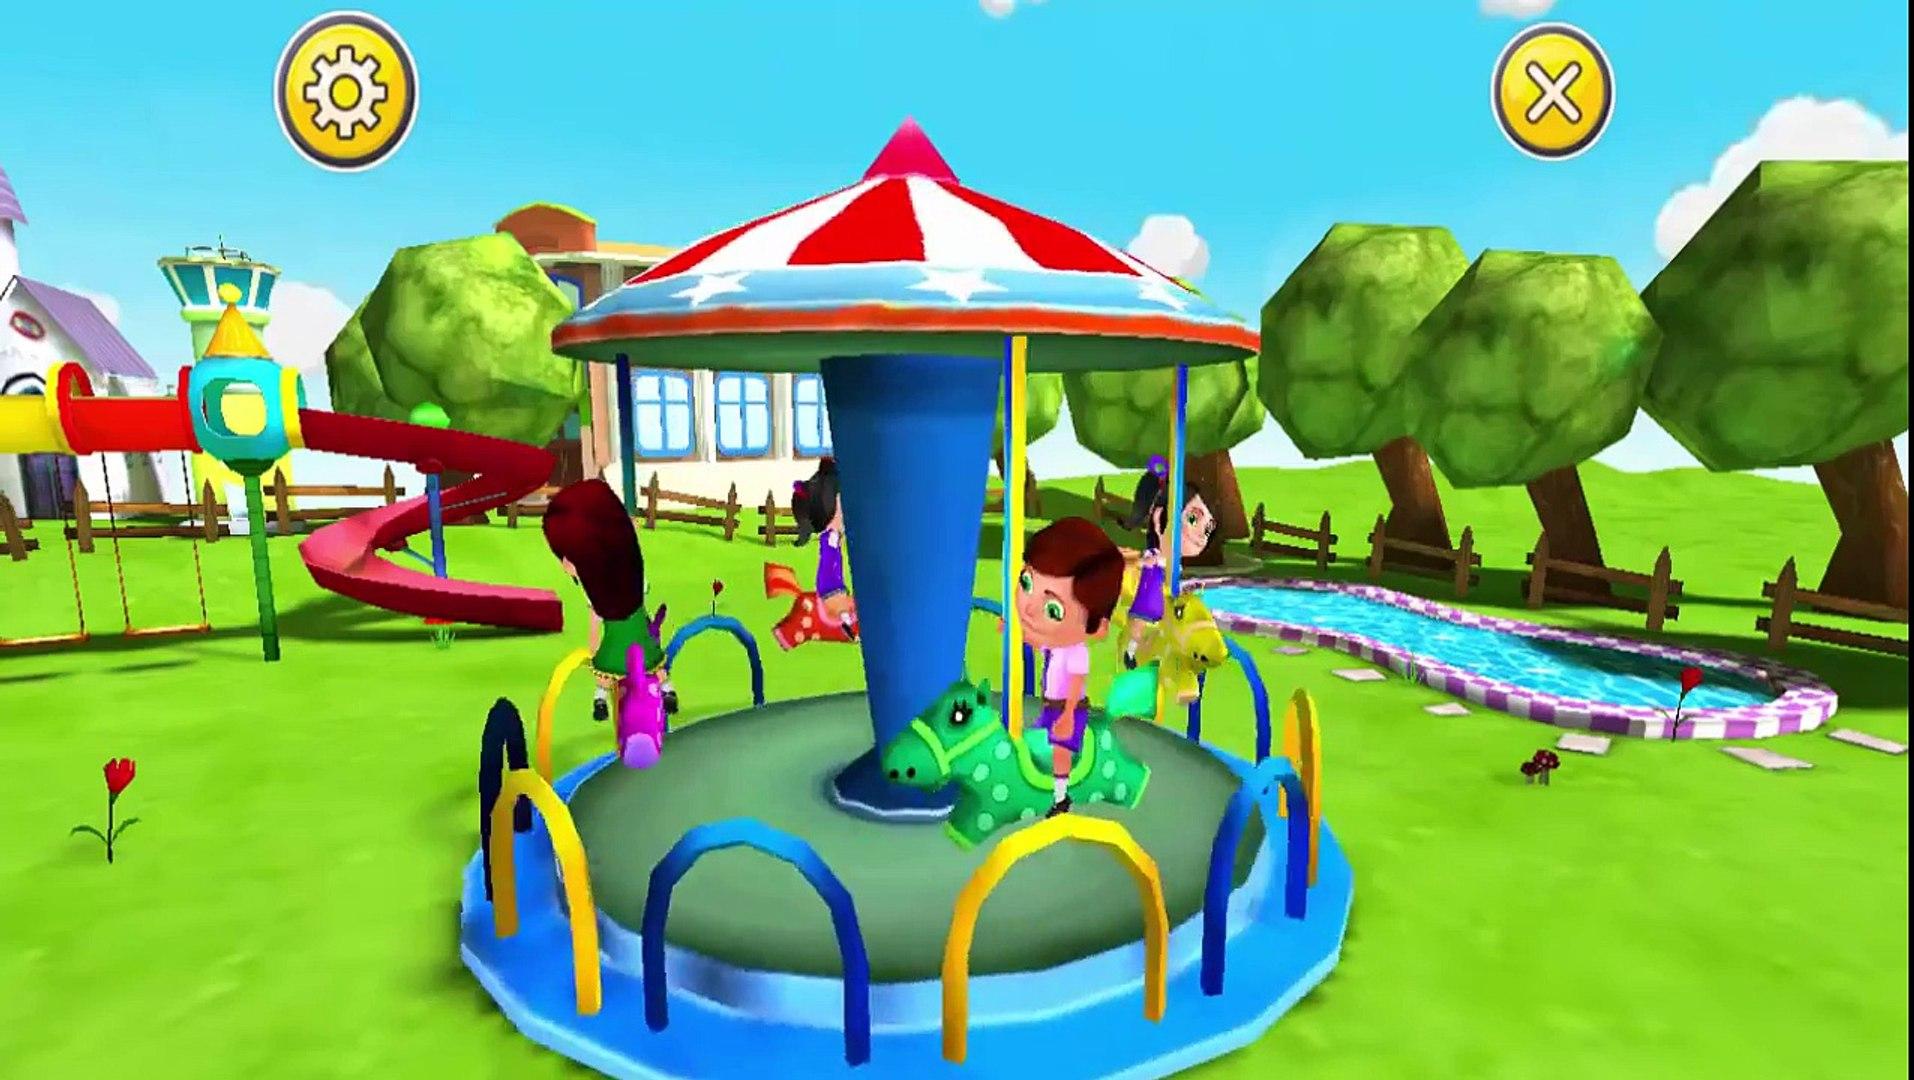 Обратно в школу дети игры ребенок играть и изучать цвета, цифры забота игры для детей и Фа